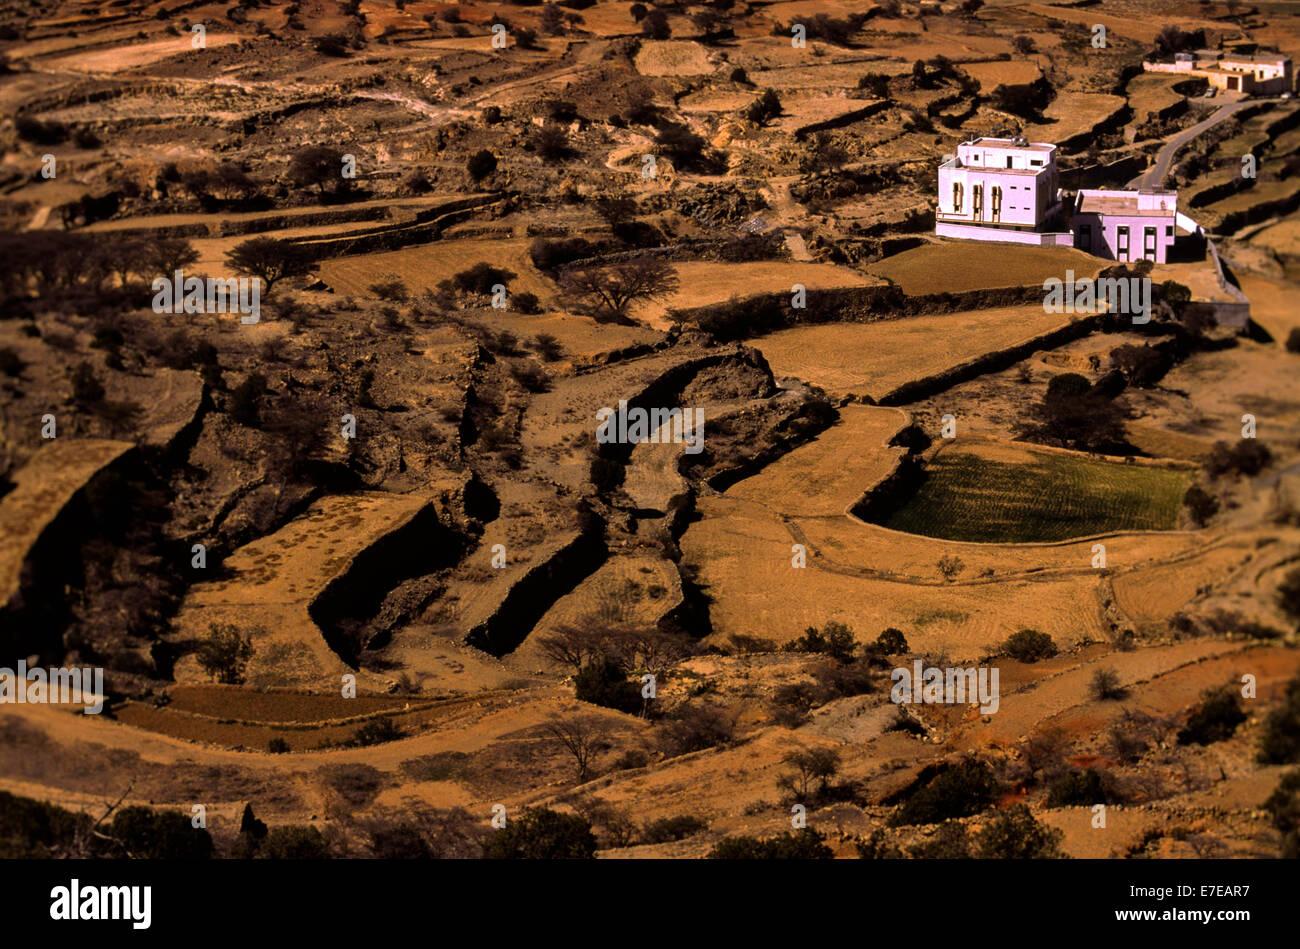 Maisons de ferme et les champs arides de culture en terrasses dans la région de l'ASIR ARABIE SAOUDITE Photo Stock